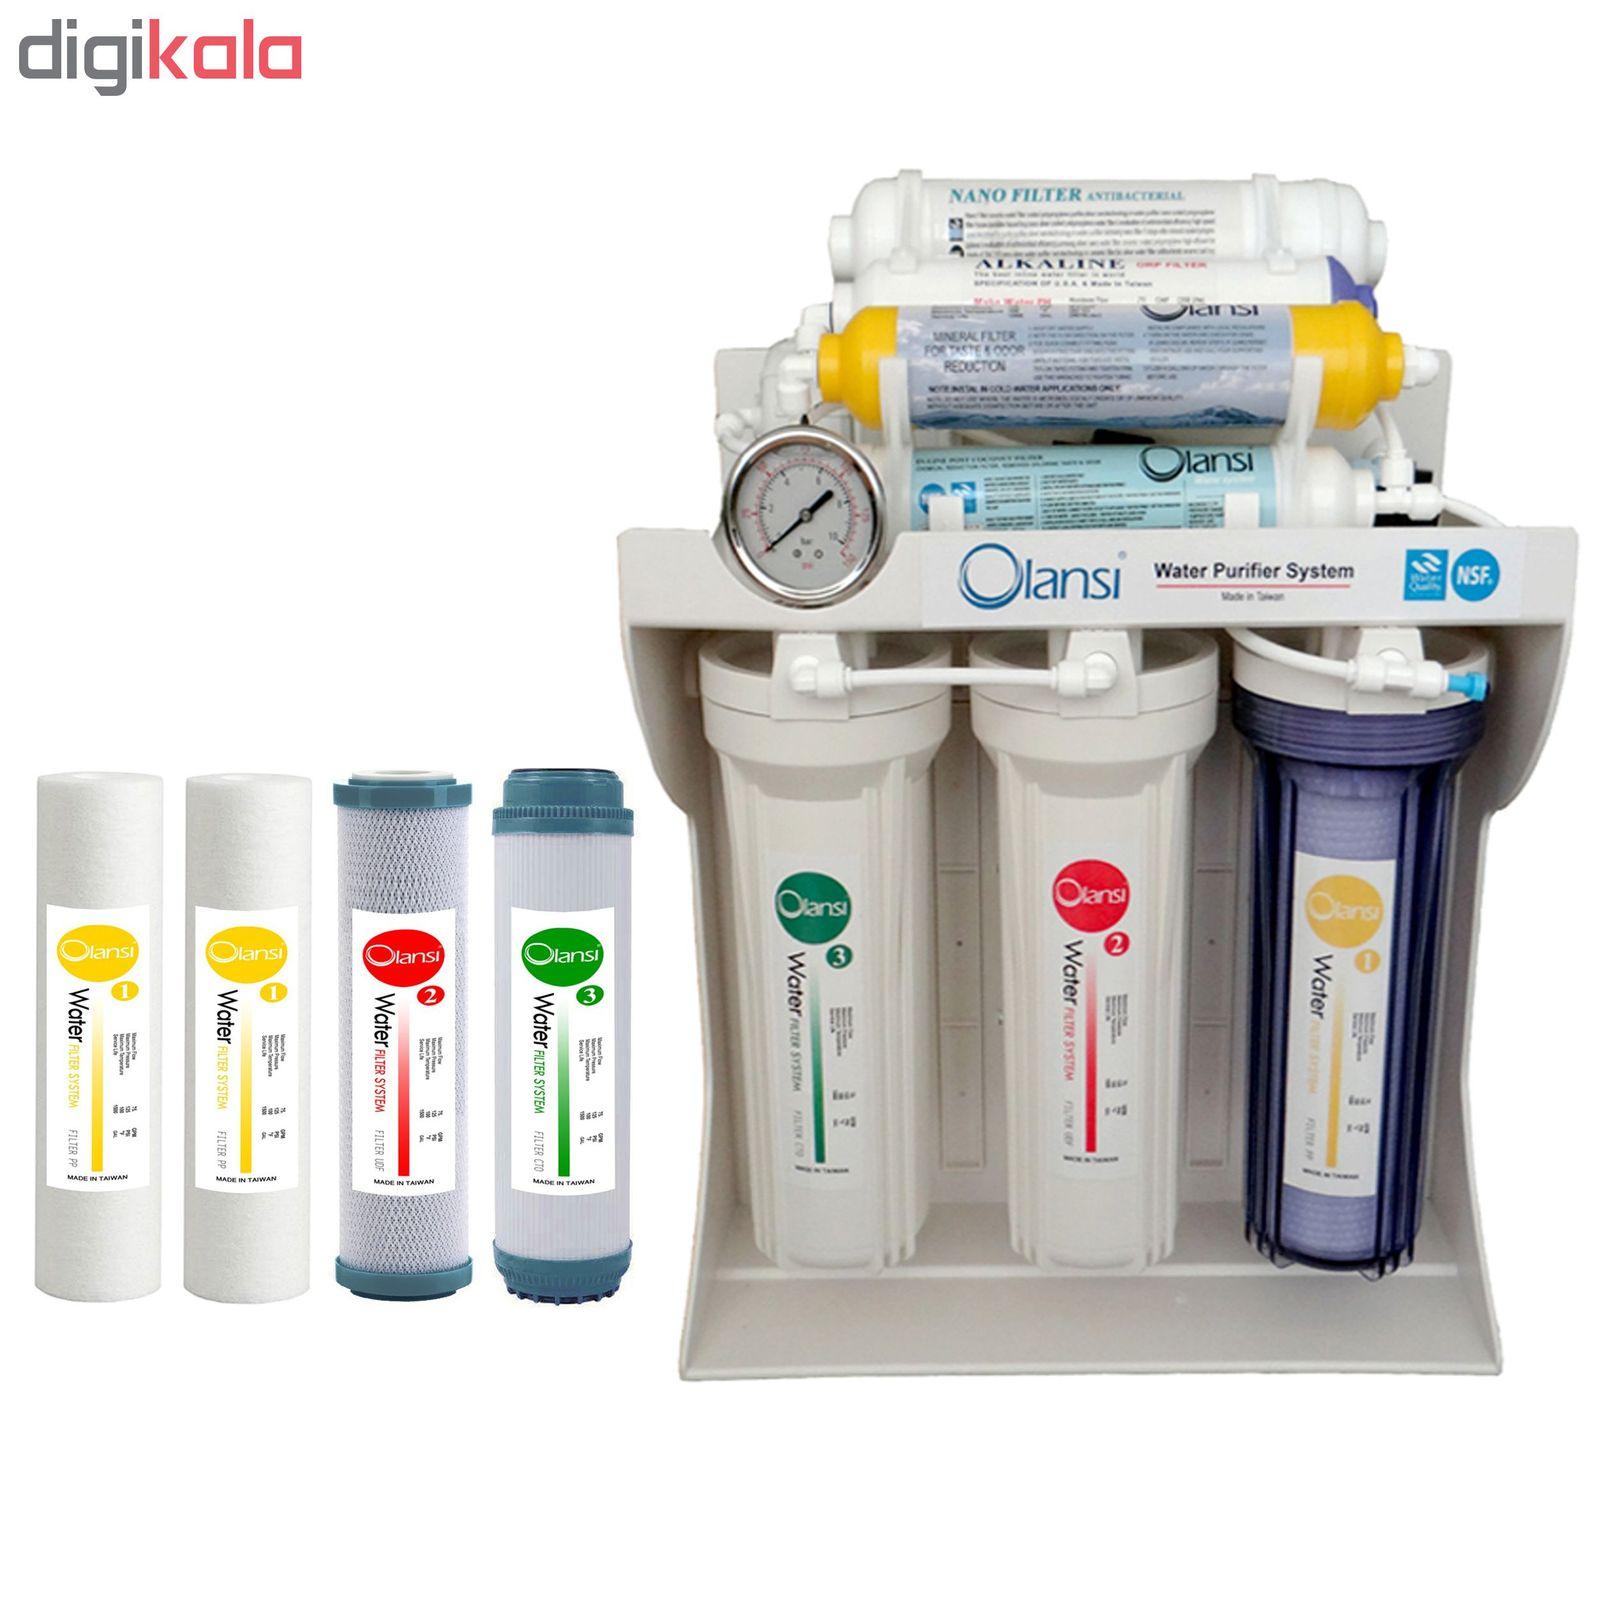 دستگاه تصفیه کننده آب اولانسی مدل RO-A930 به همراه فیلتر بسته 4 عددی main 1 1